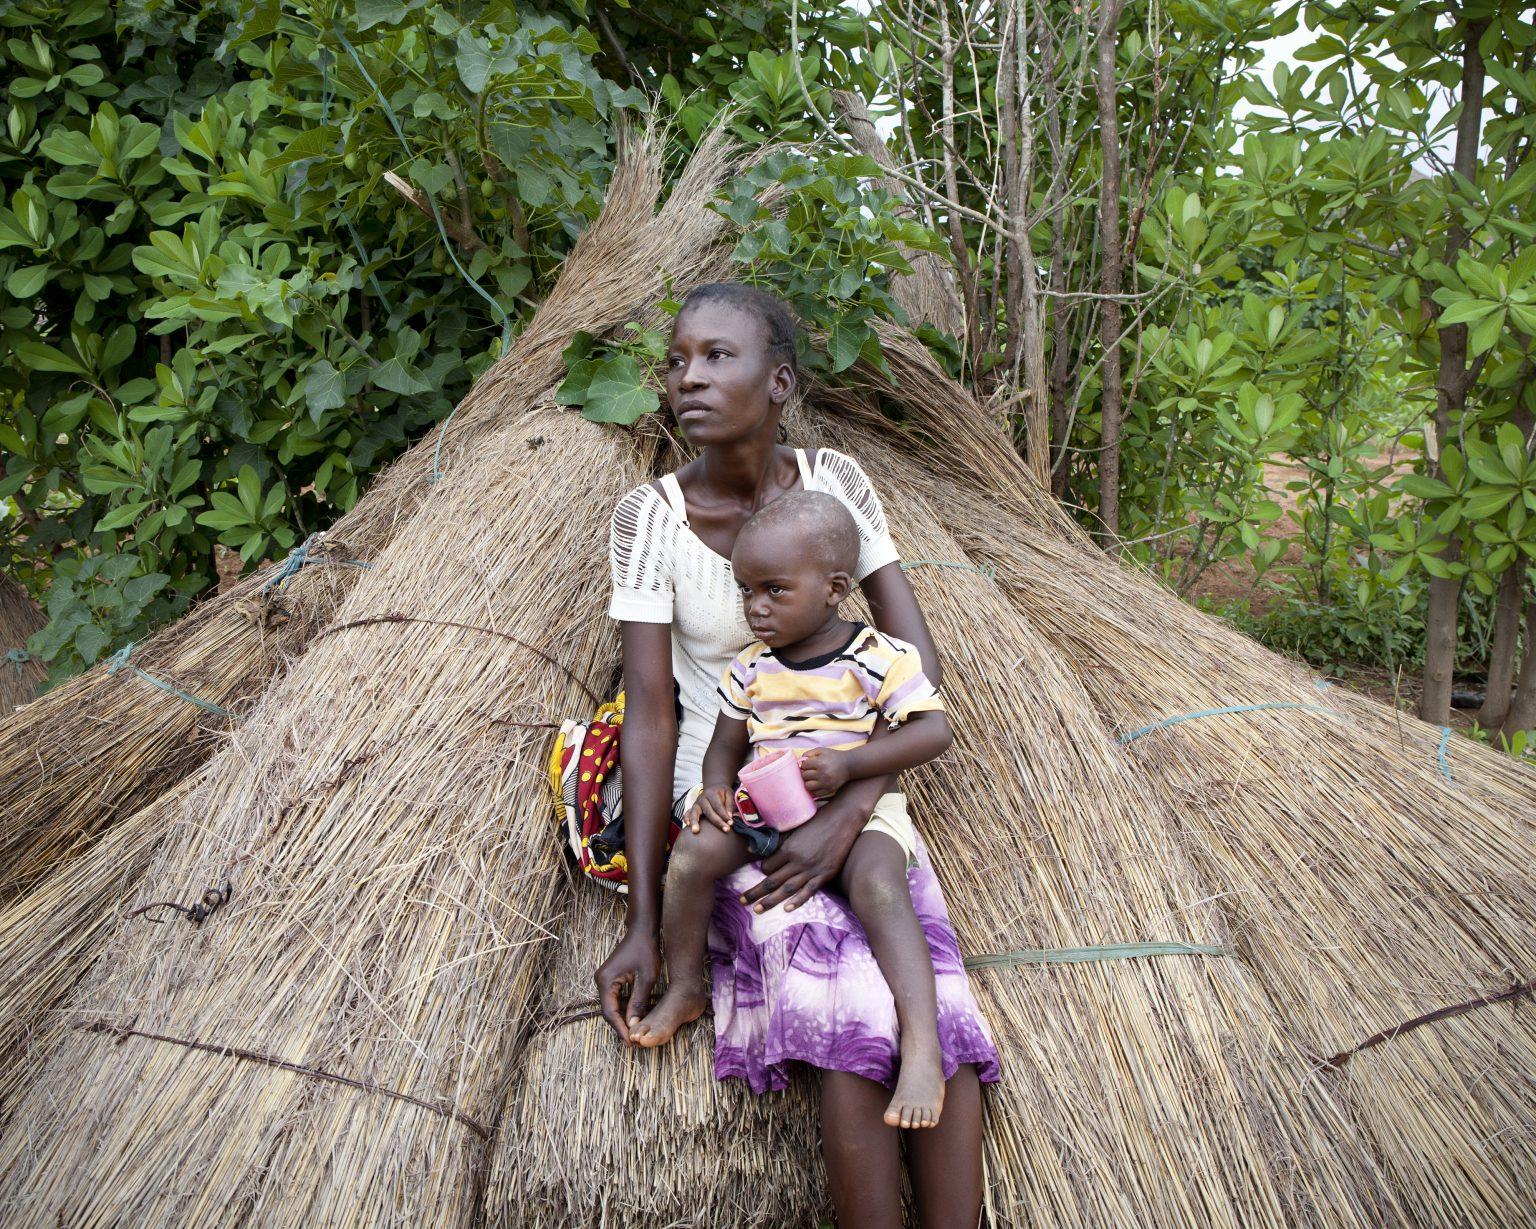 Lorengechora village, Karamoja region (Uganda). Betty Akol, 22, had three pregnancies. During the last one, complications arose due to her severe malnutrition. She and her husband are too poor to buy food and don't have a piece of land to grow. >< Villaggio di Lorengechora, regione della Karamoja (Uganda). Betty Akol, 22 anni, ha avuto tre gravidanze. Nel corso dell'ultima sono sorte complicazioni dovute alla sua grave malnutrizione. Lei e il marito sono troppo poveri per comprarsi del cibo e non possiedono un pezzo di terra da coltivare.